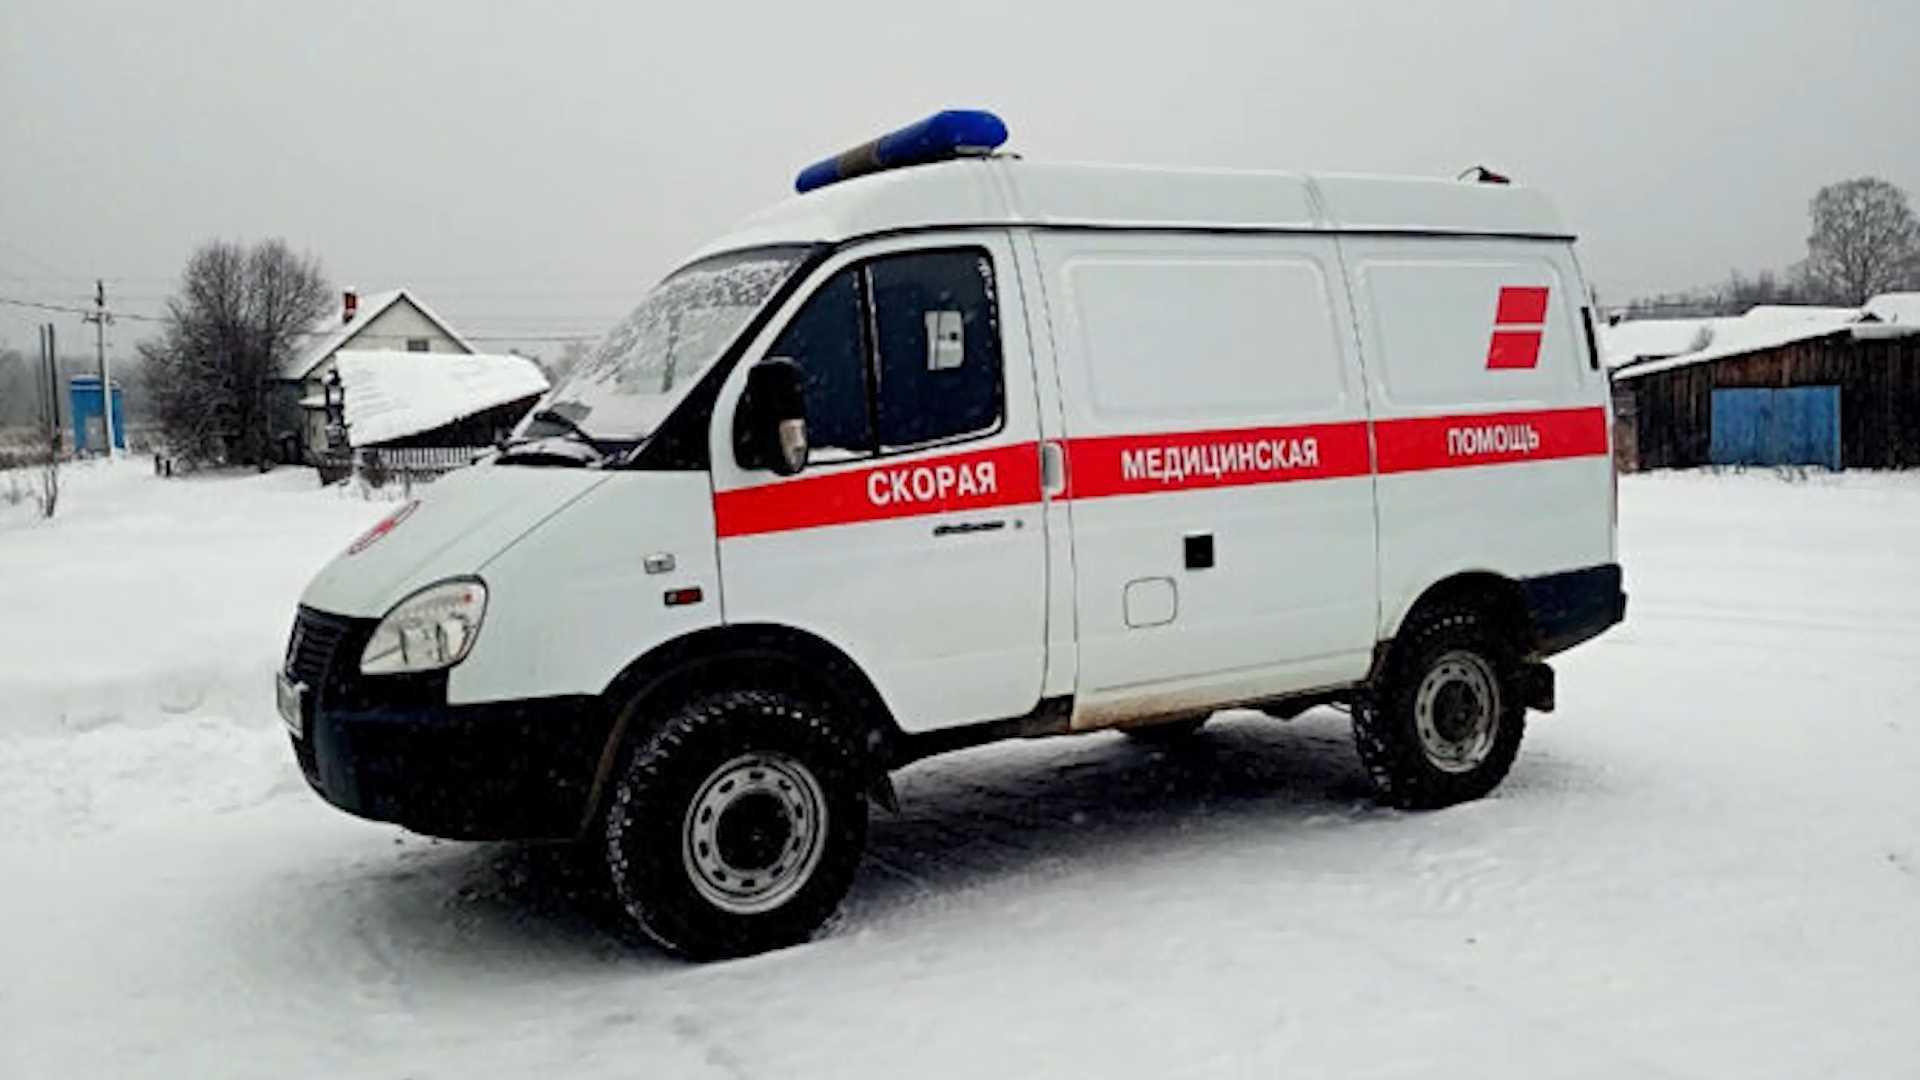 ФАП в костромской глубинке разжился новой каретой «Скорой помощи»